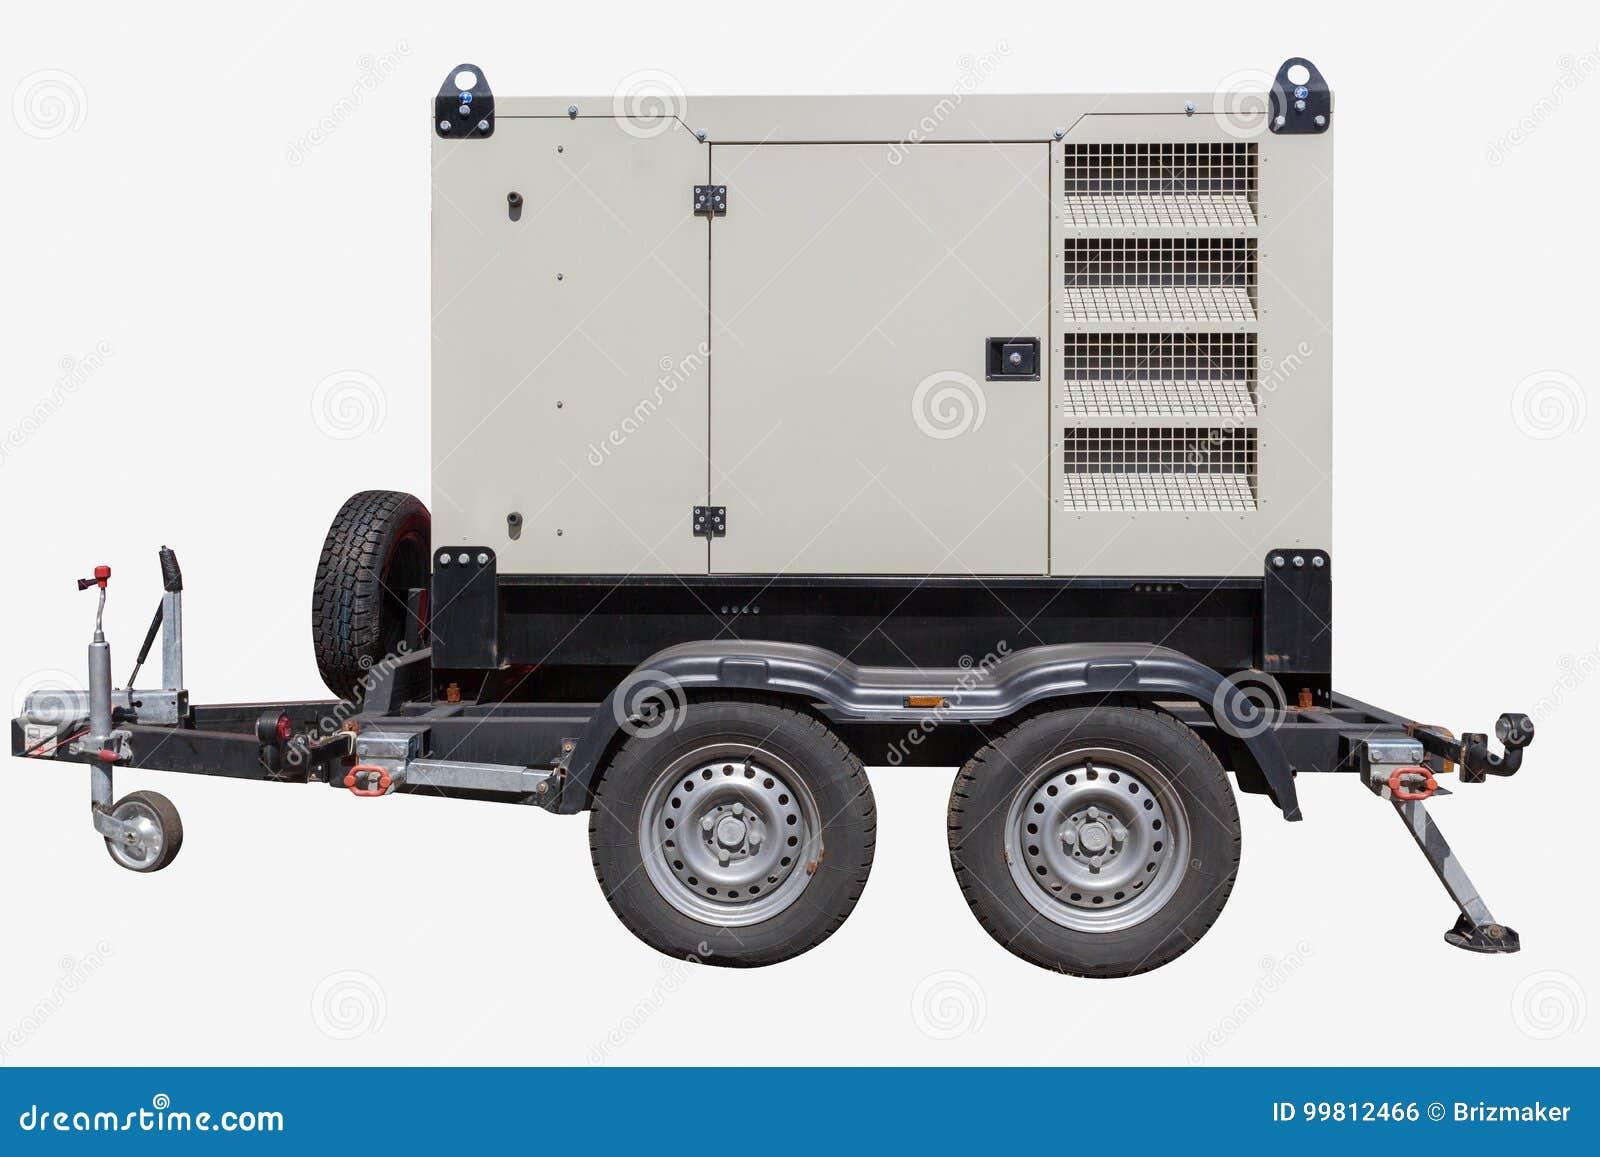 Gerador de poder diesel industrial no fundo branco